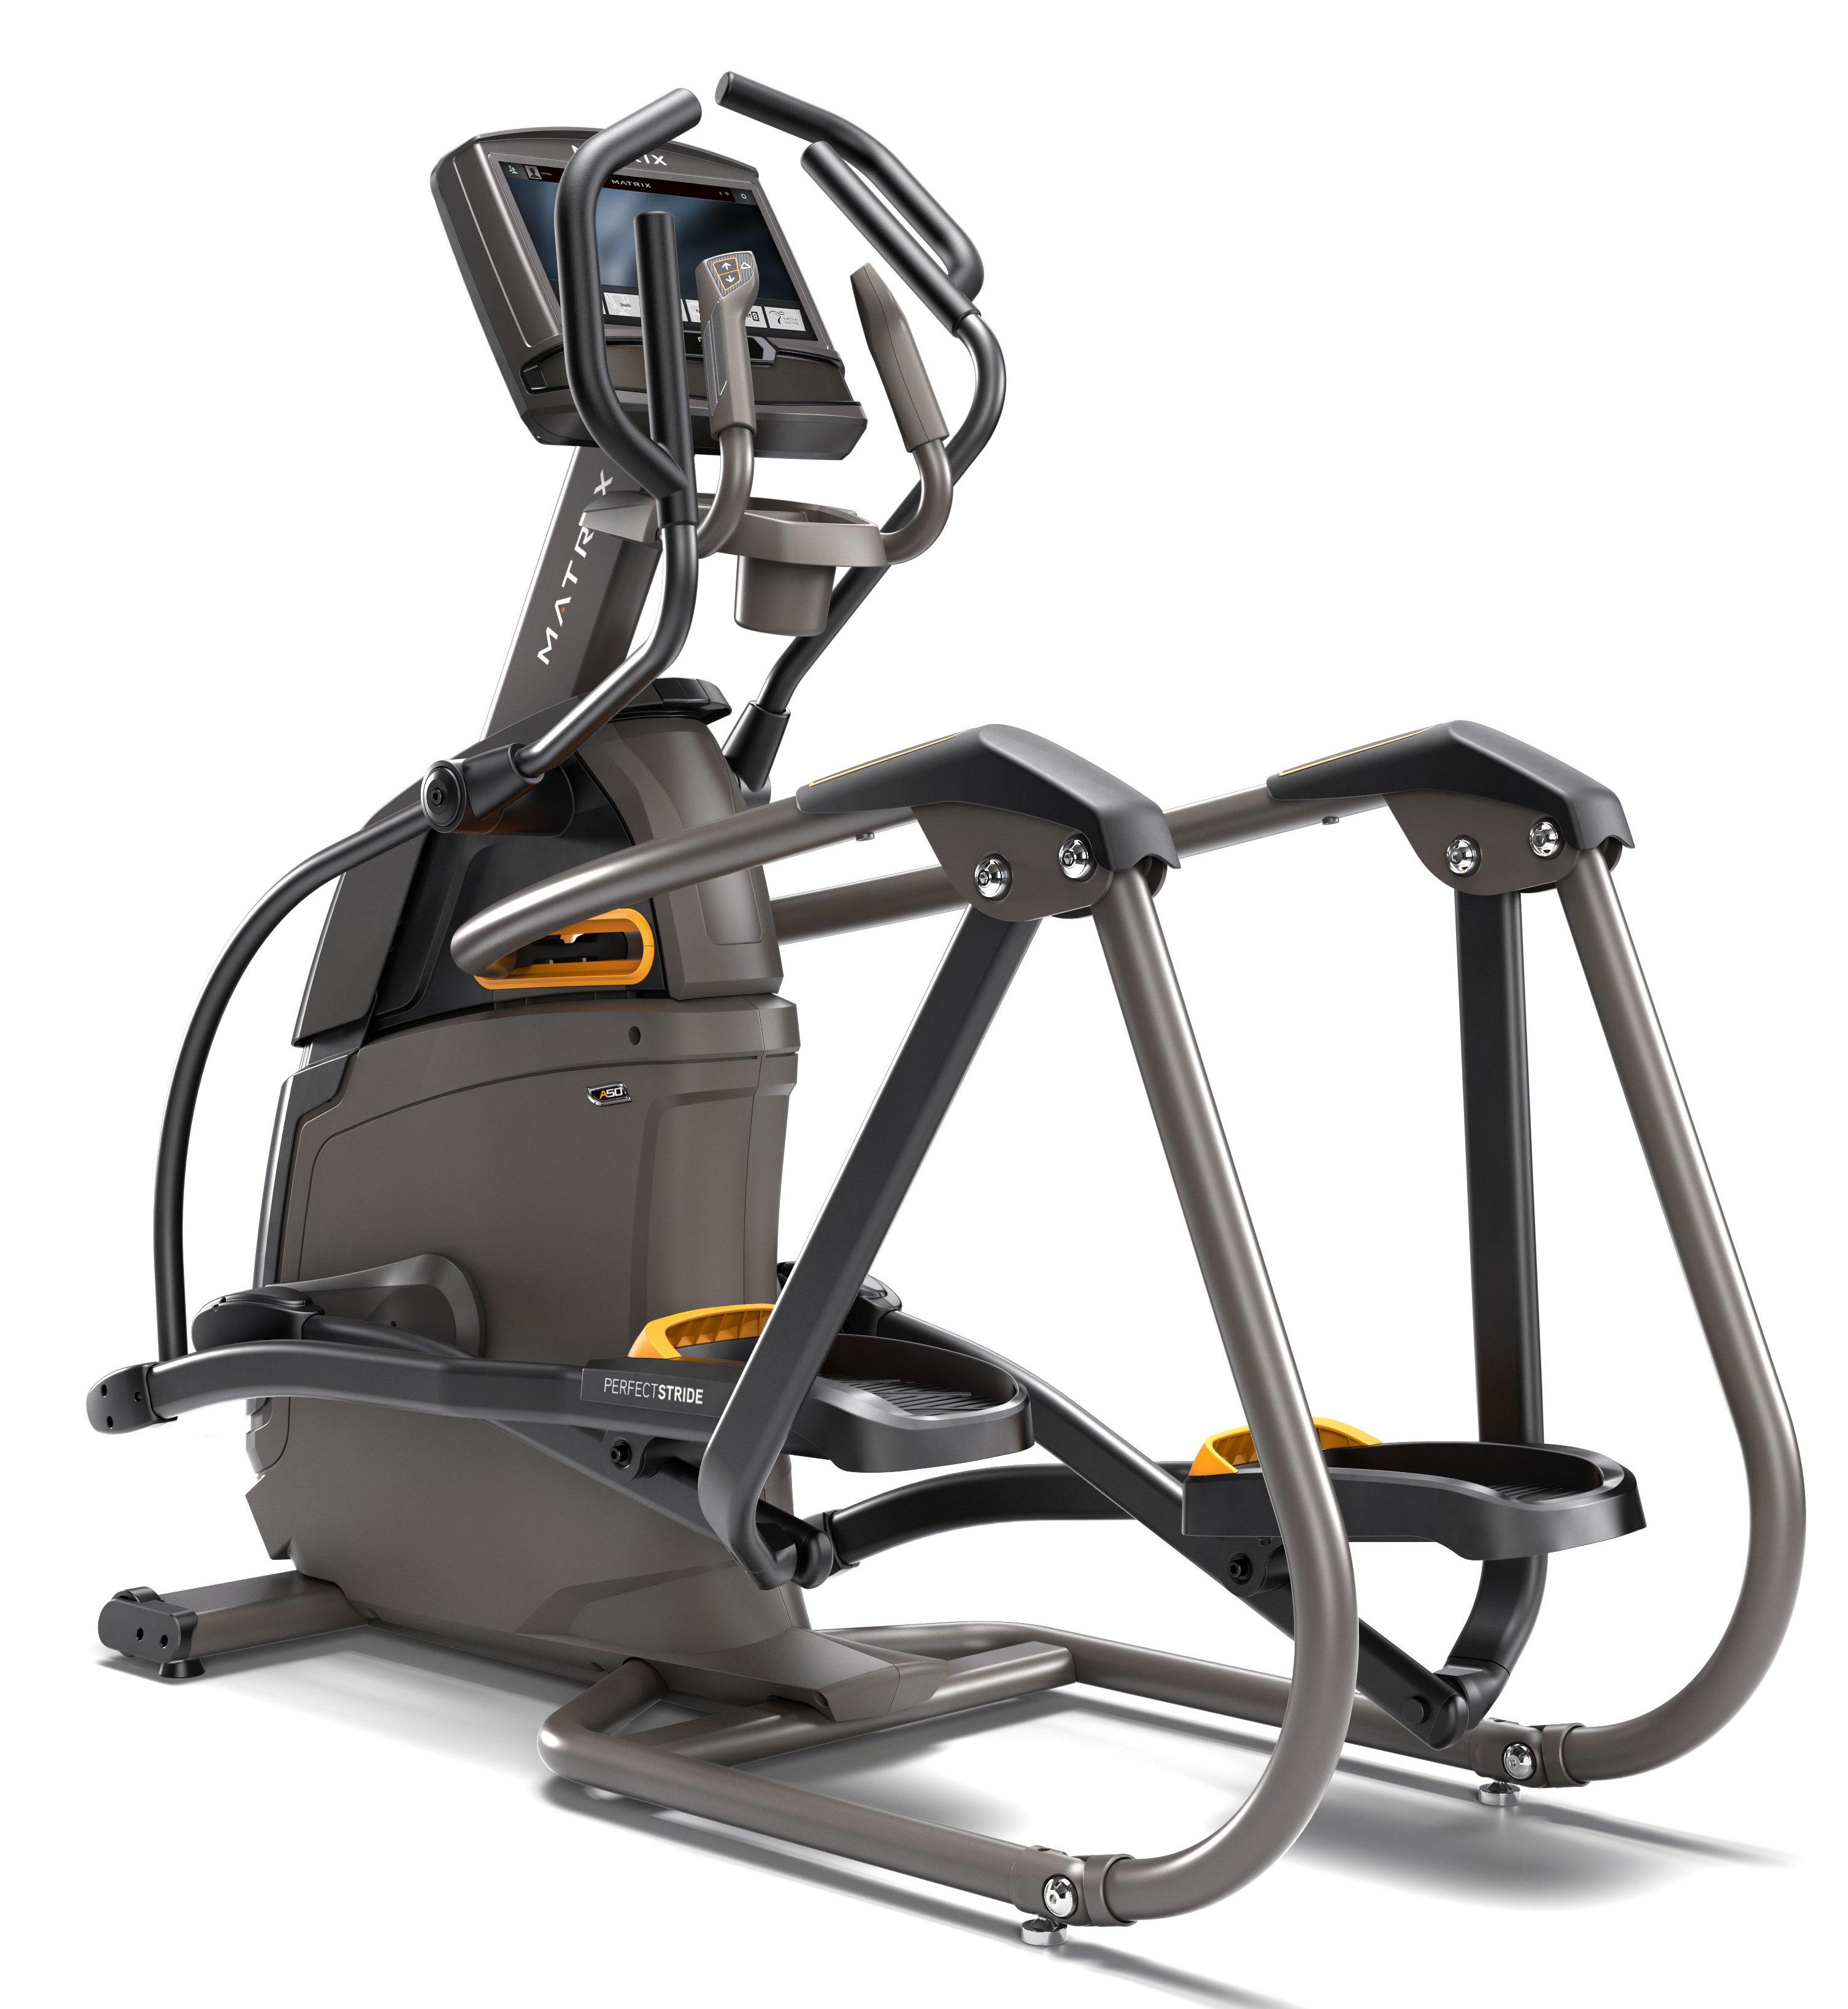 Эллиптические тренажеры: Орбитрек Ascent Trainer Matrix A50 XIR